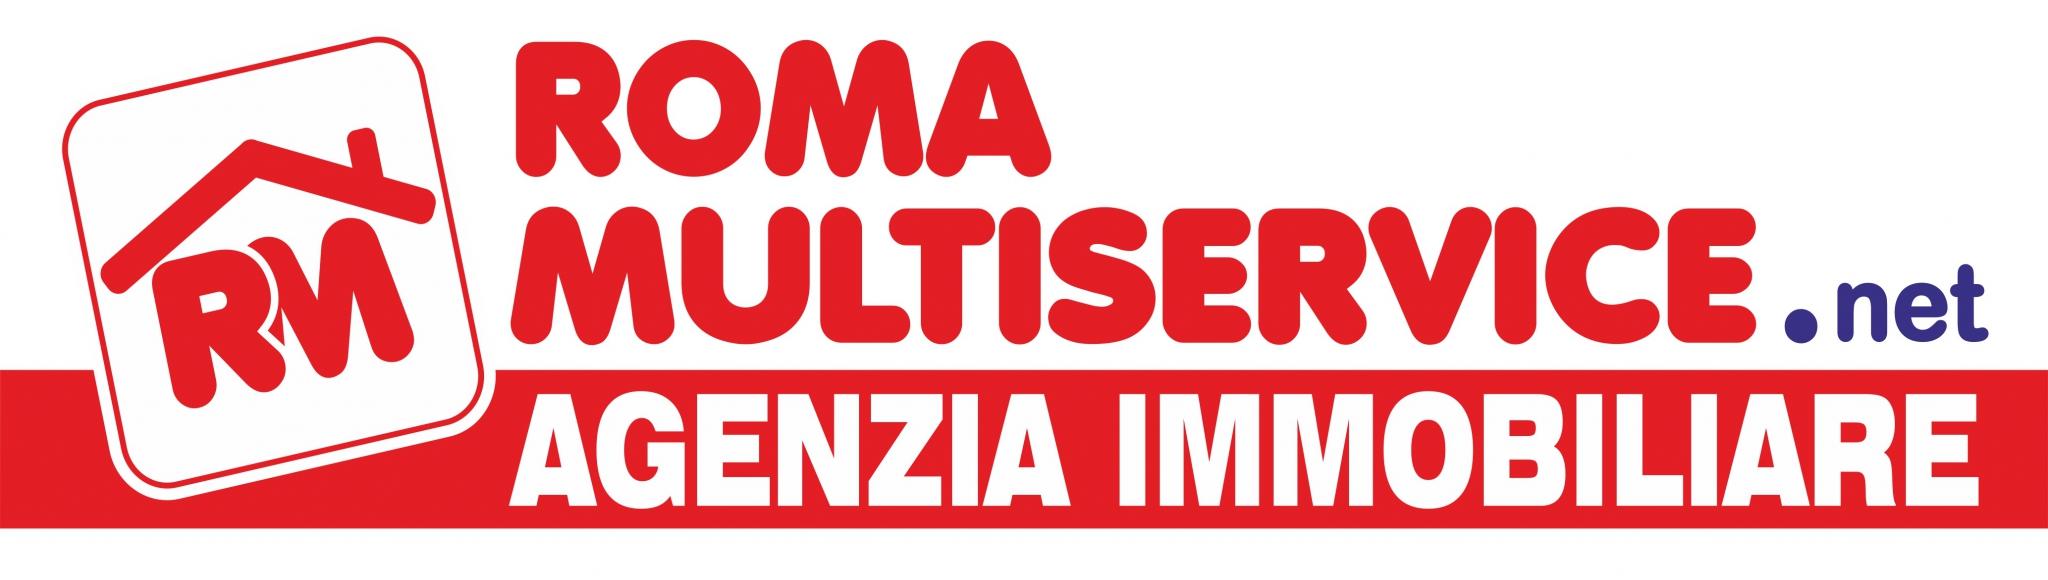 Romamultiservice del Geom. Vincenzo Ferretti